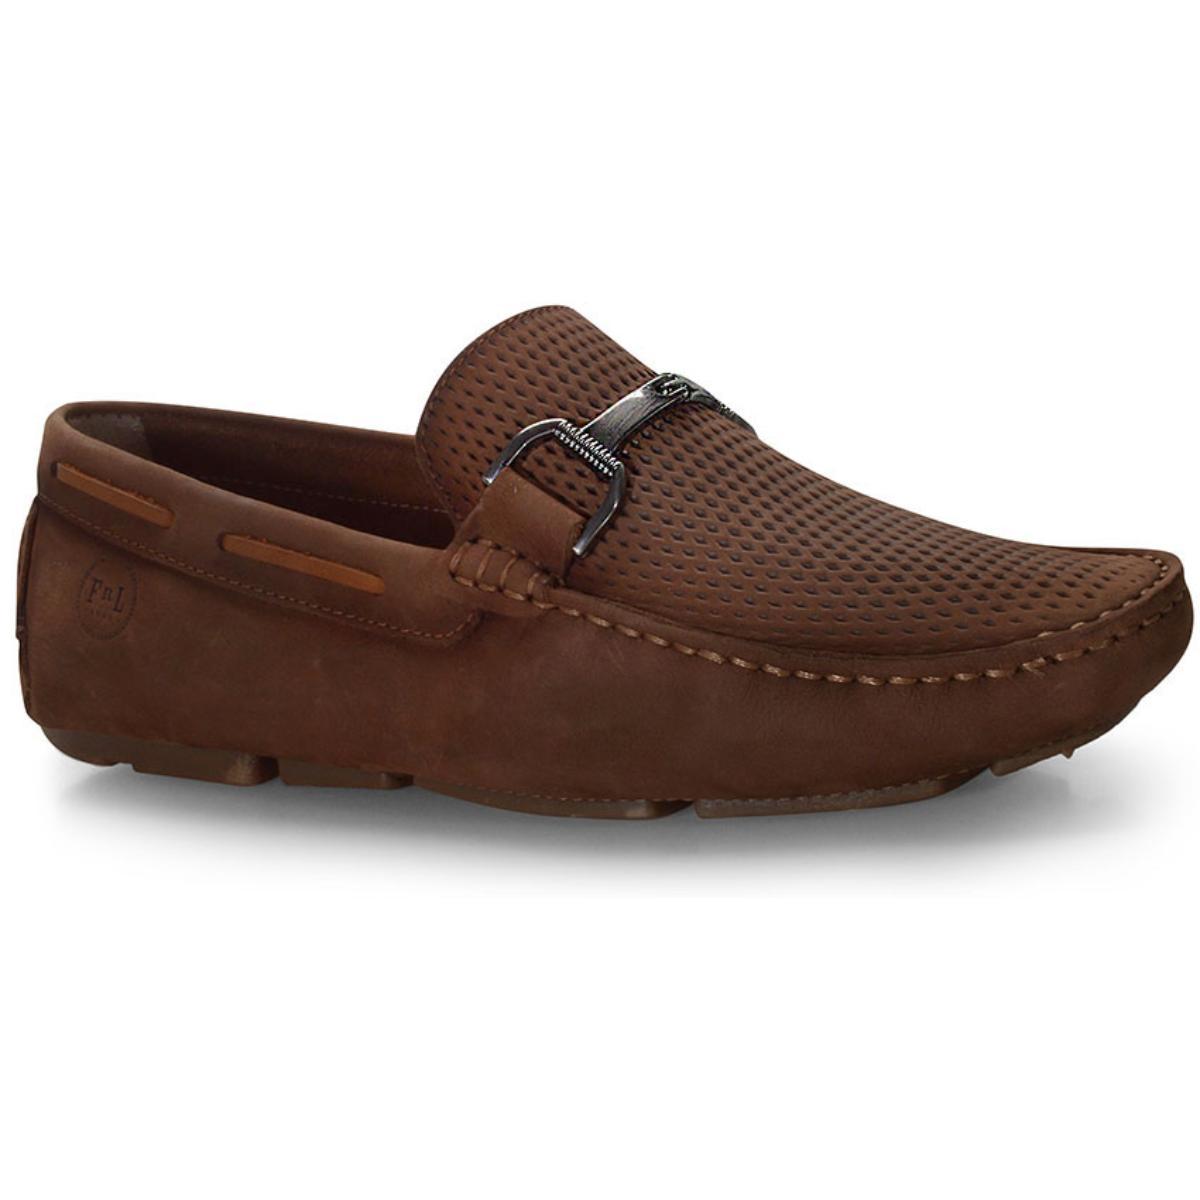 Sapato Masculino Ferricelli Lx40177 Terra/camel